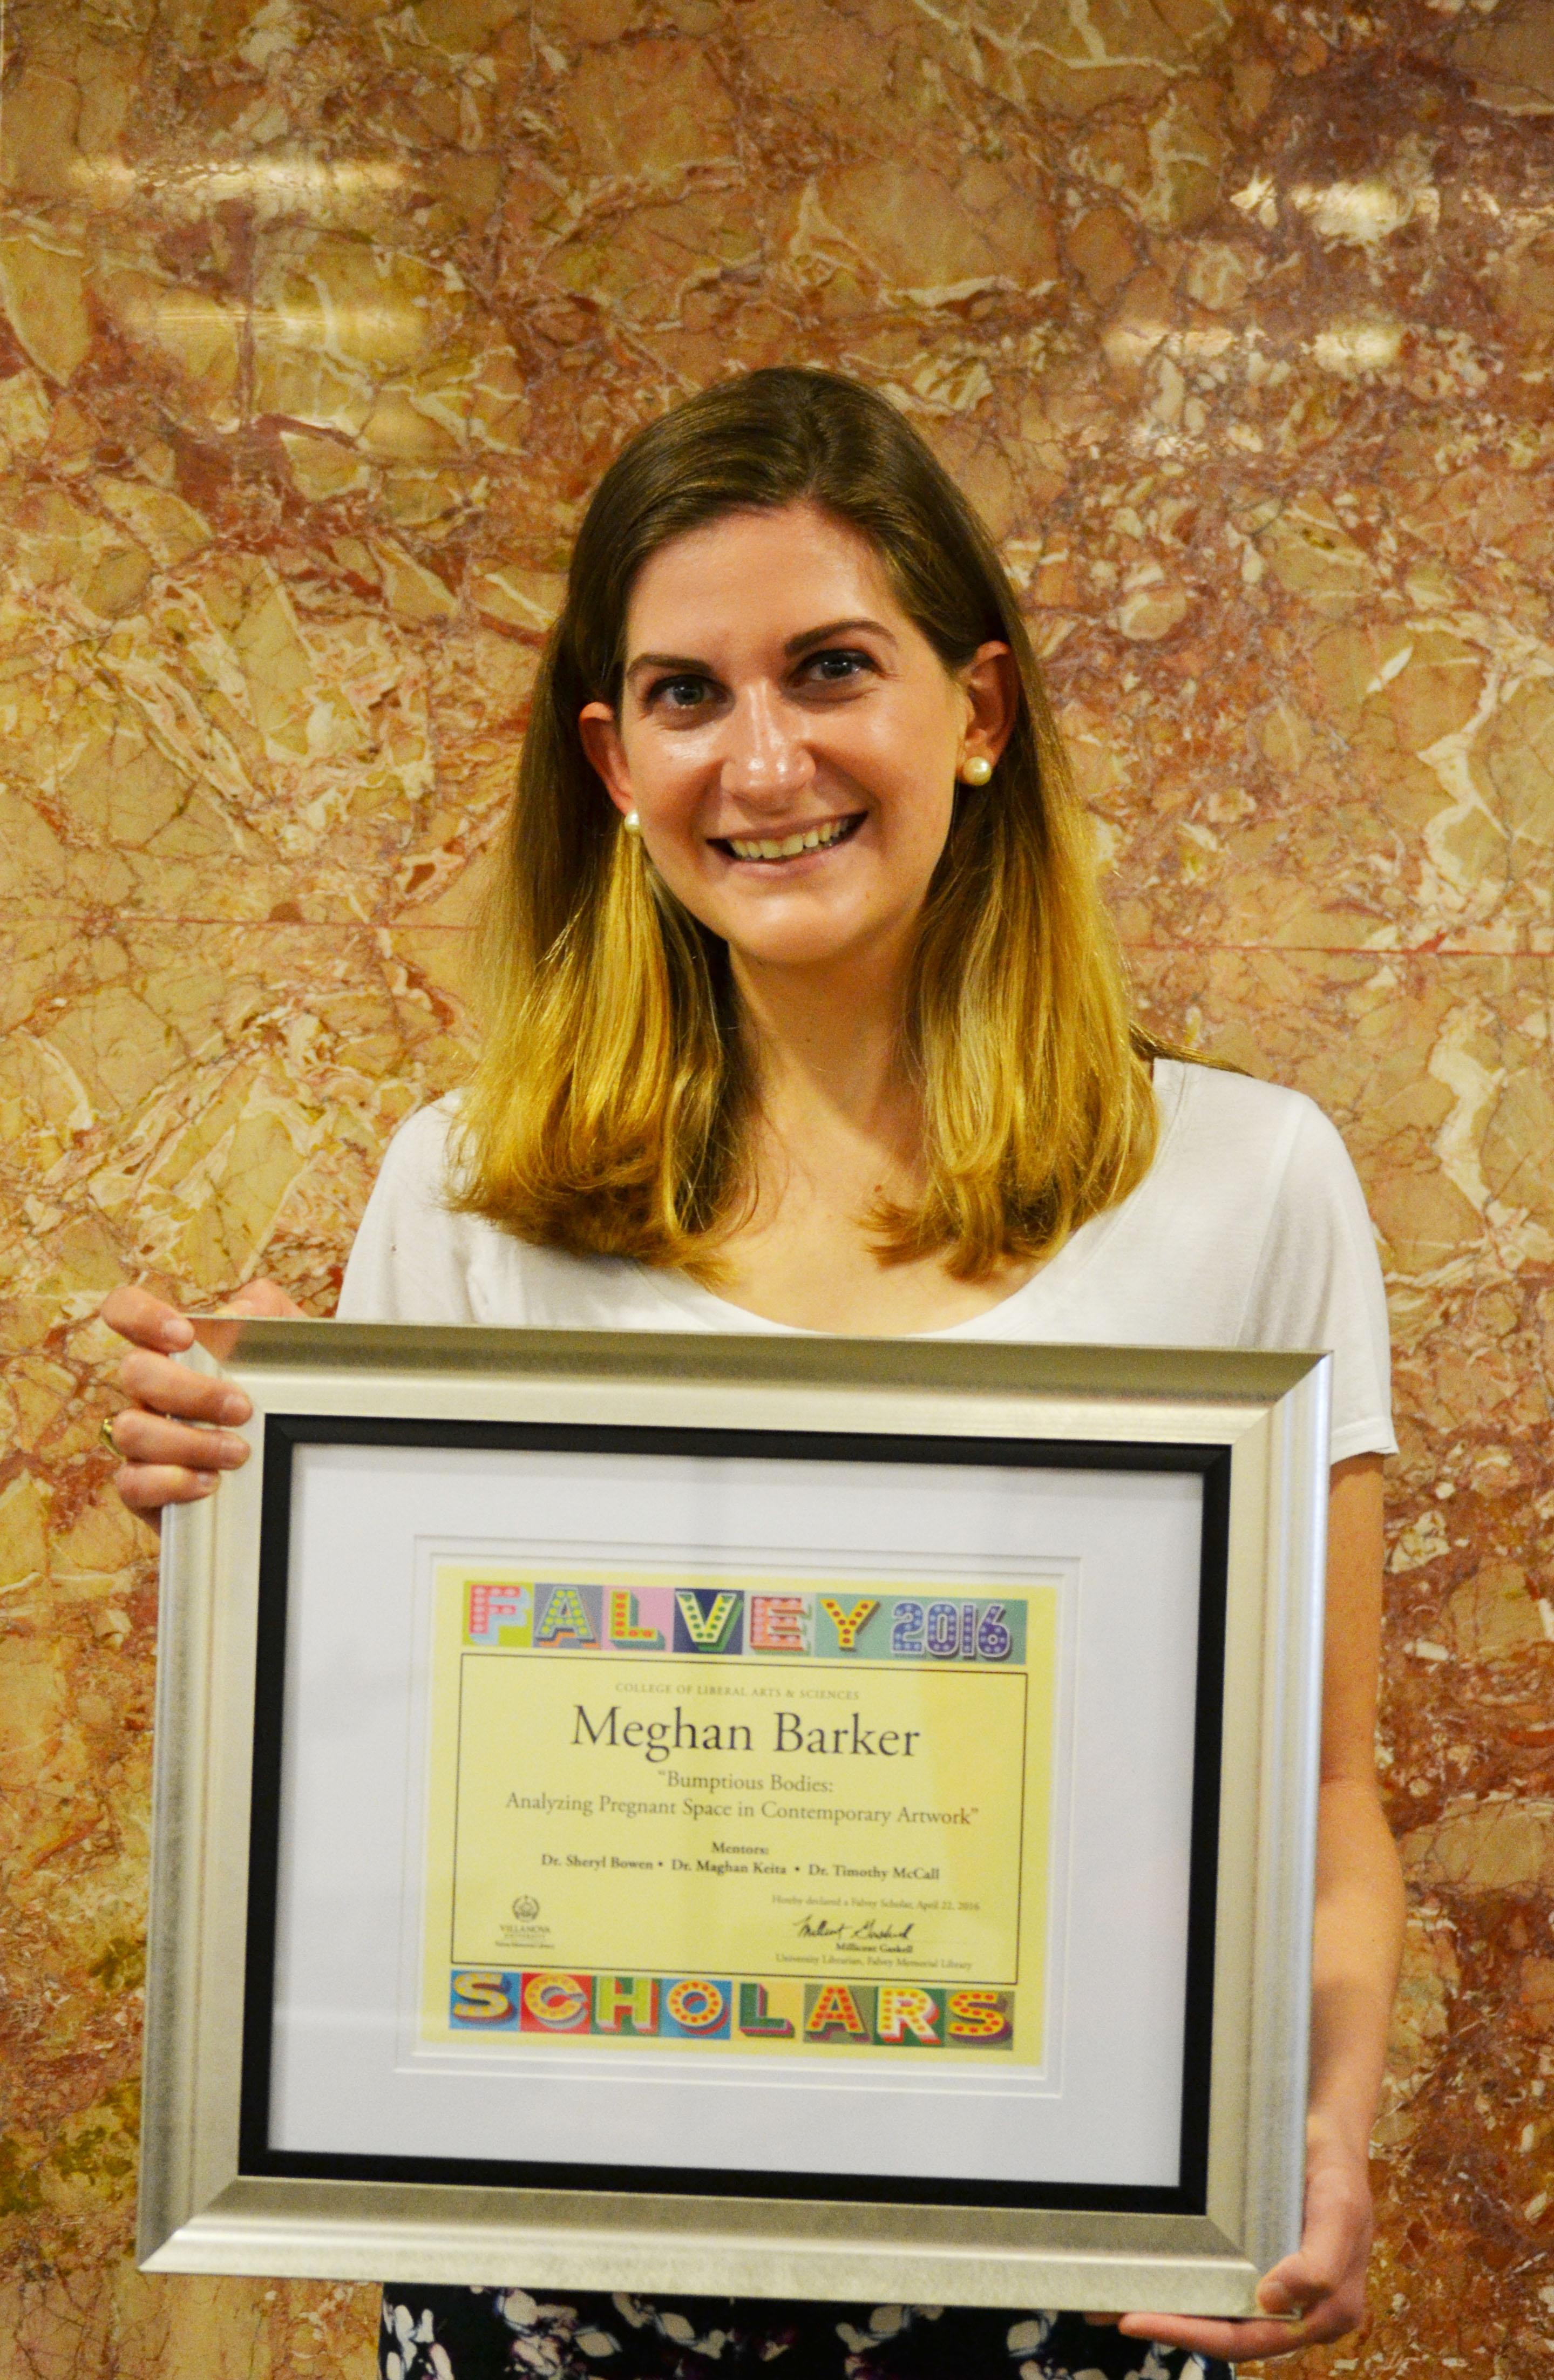 Meghan Barker holding Falvey Scholars Certificate